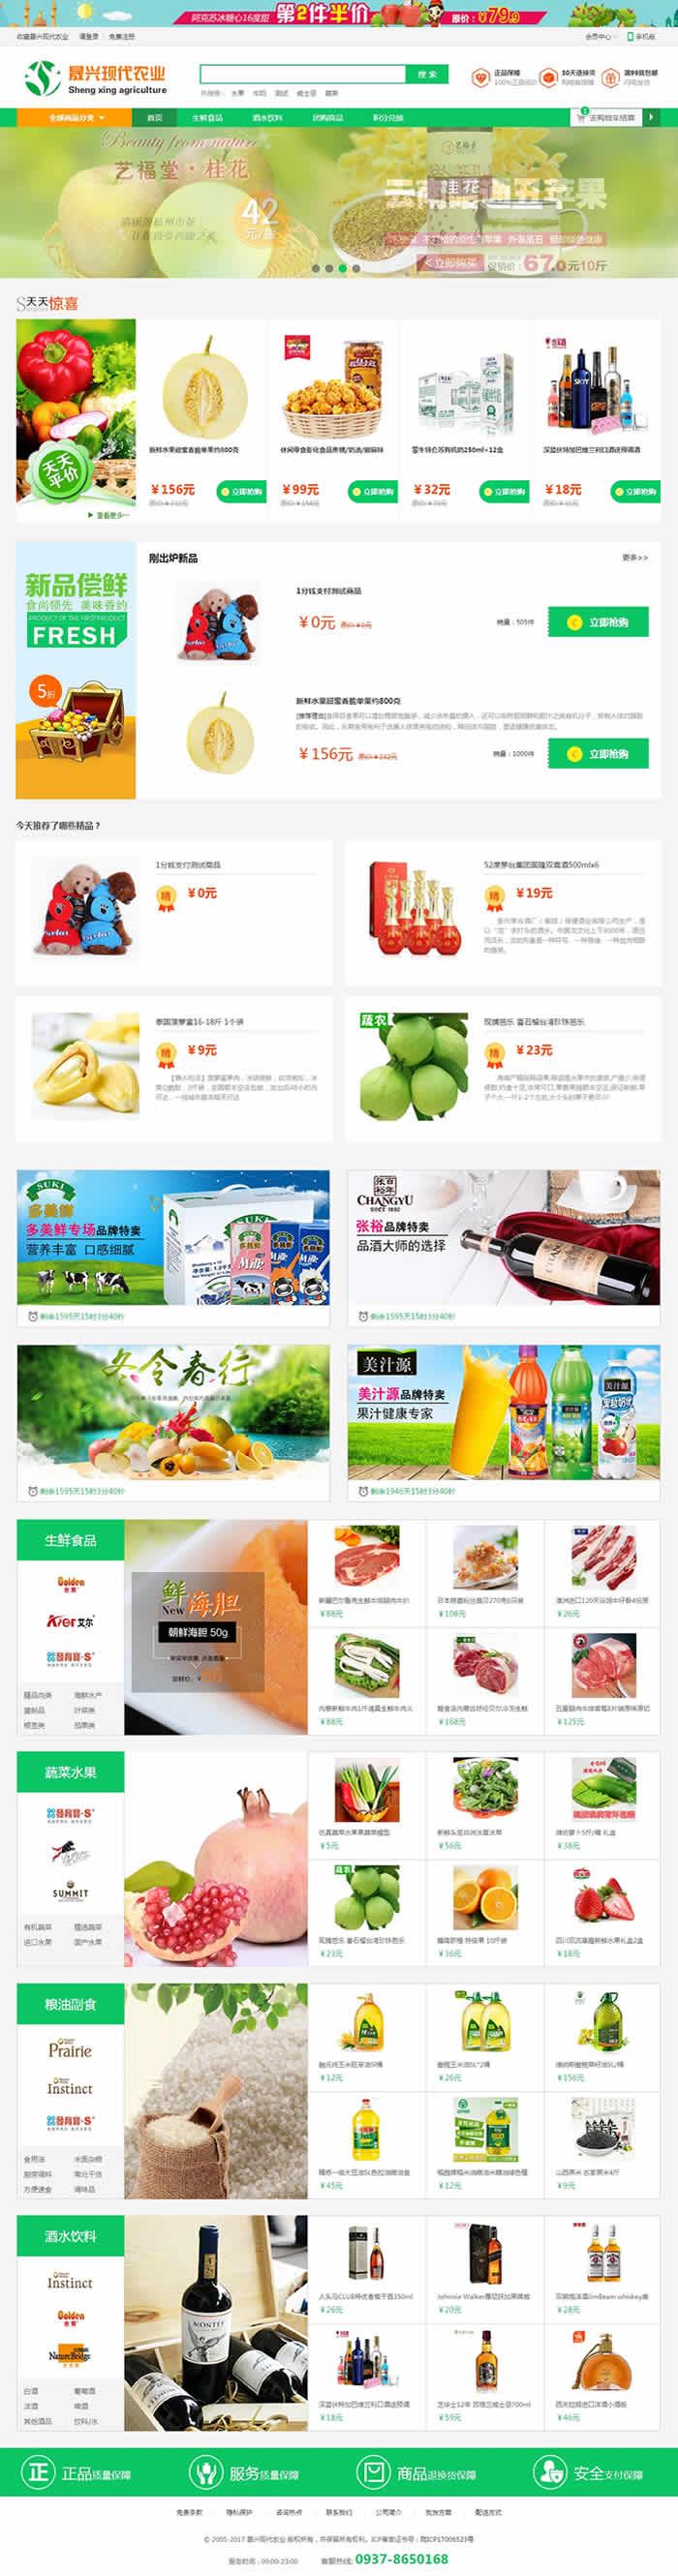 綠色農產品購物網站